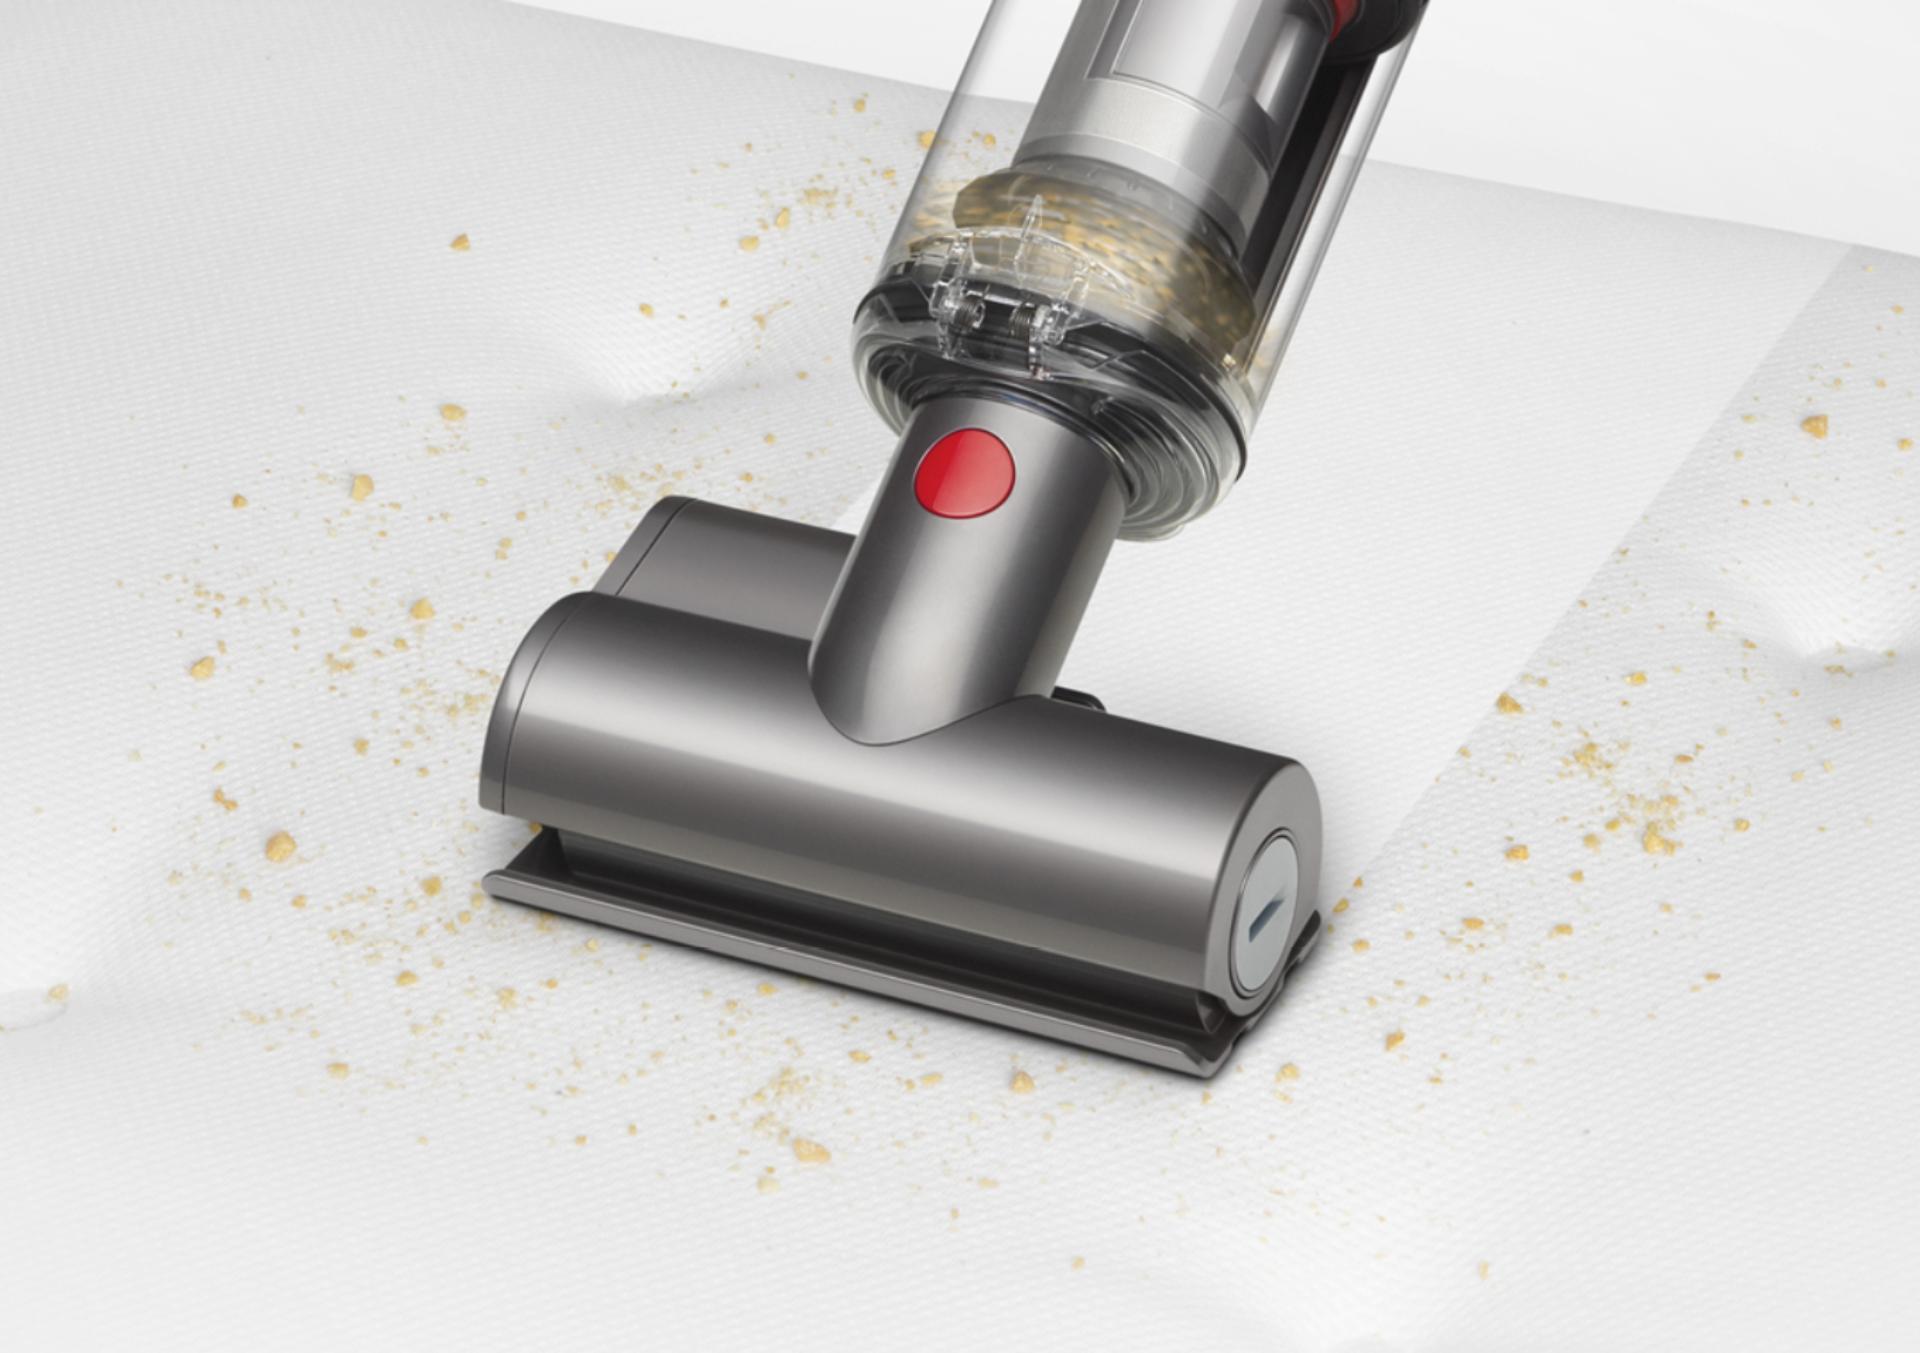 다이슨 옴니-글라이드™ 무선 청소기를 핸디 모드 전환해 계단을 청소하는 모습.